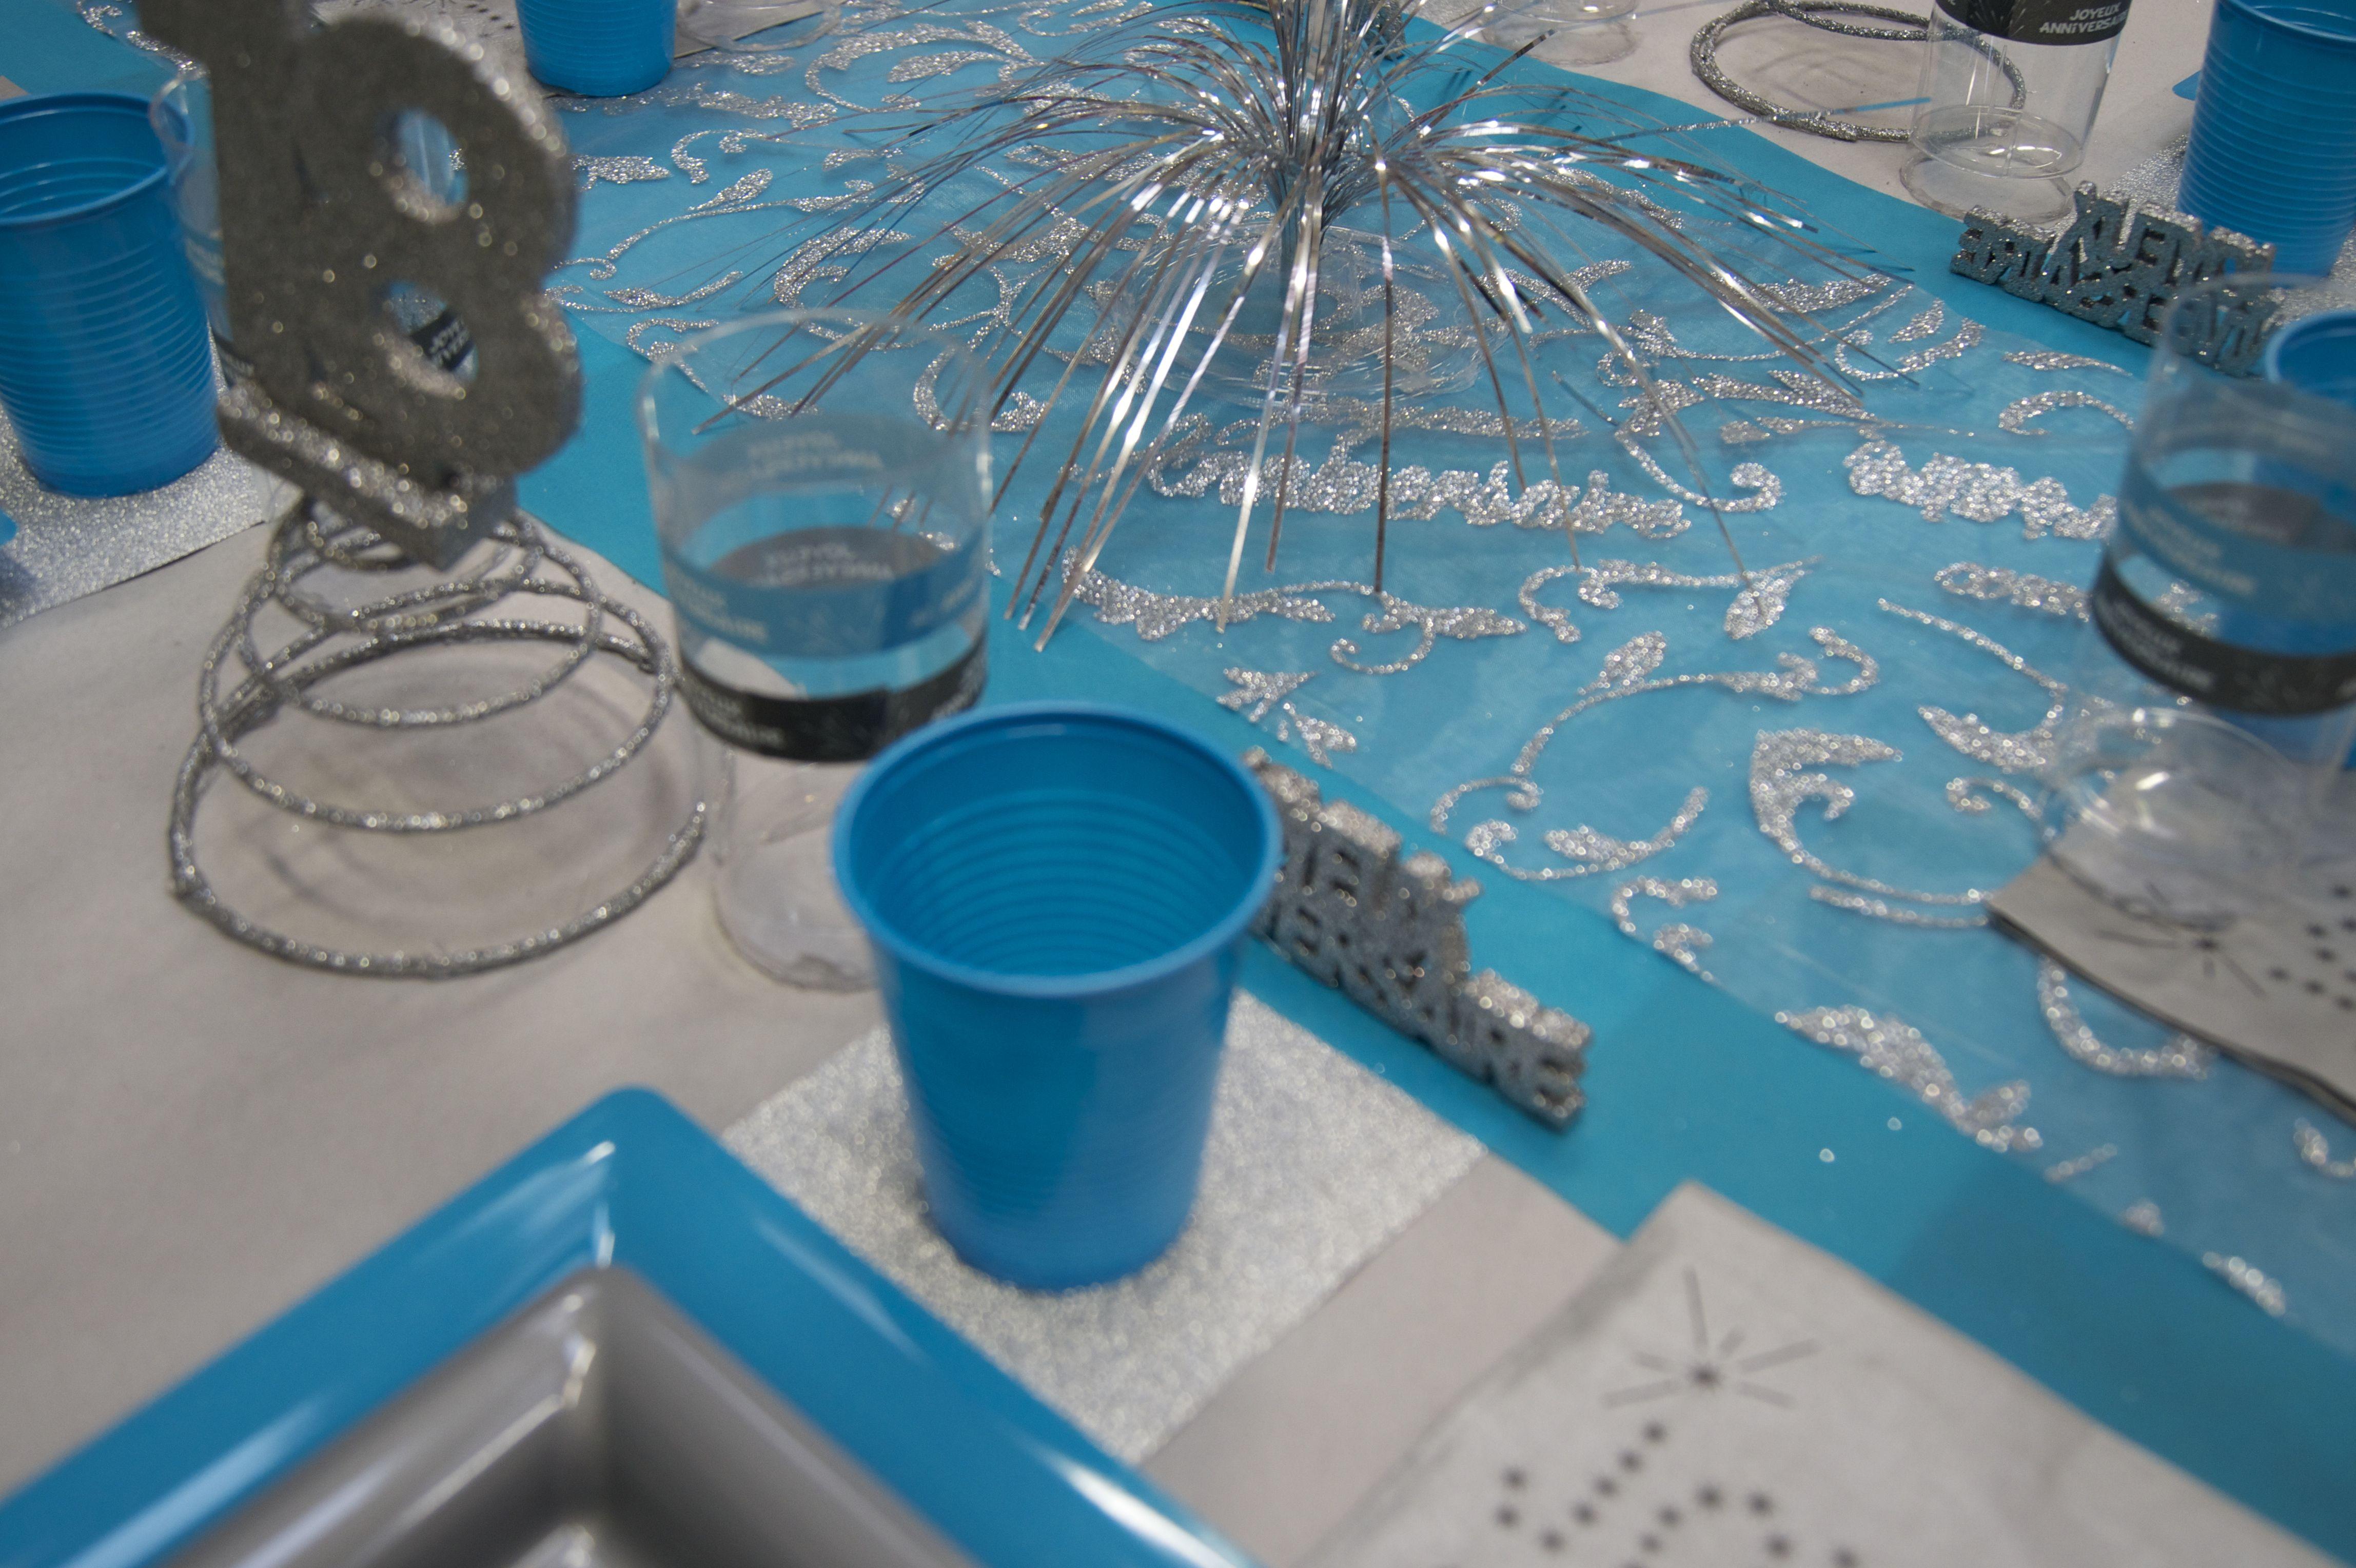 D coration de table anniversaire bleu gris legeantdelafete - Deco de table bleu et gris ...